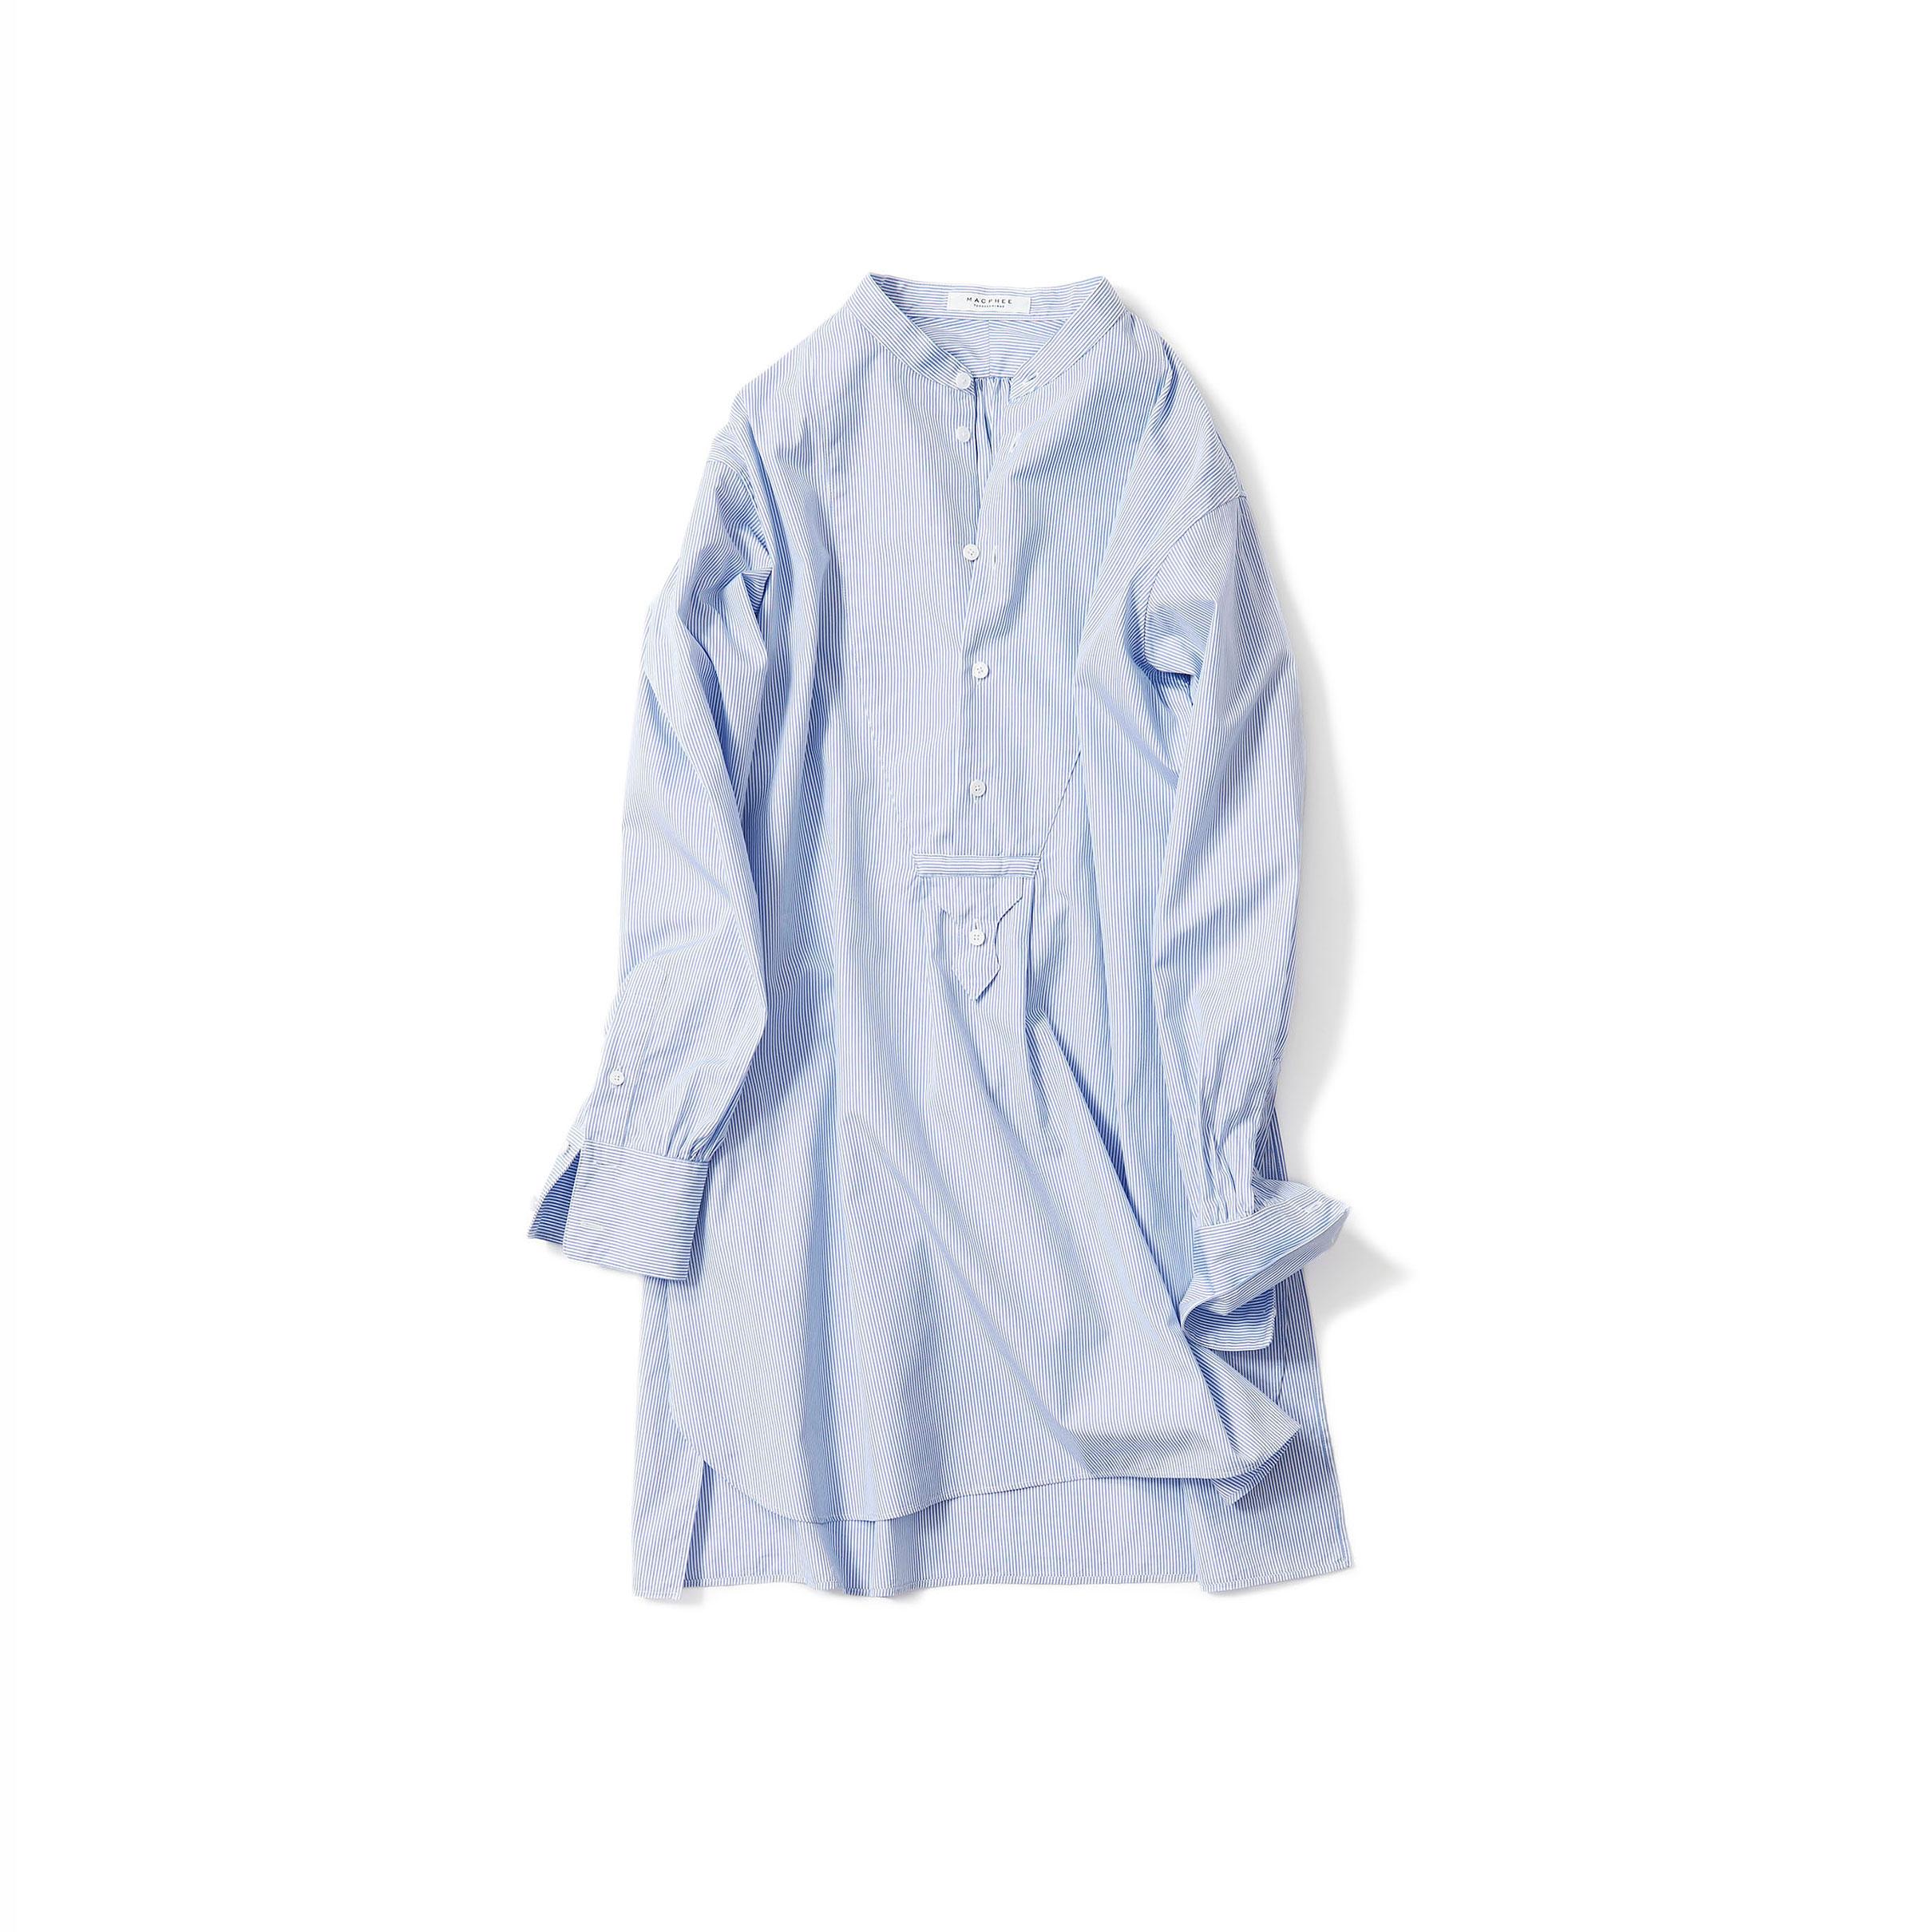 ドレスシャツ・サックスブルー